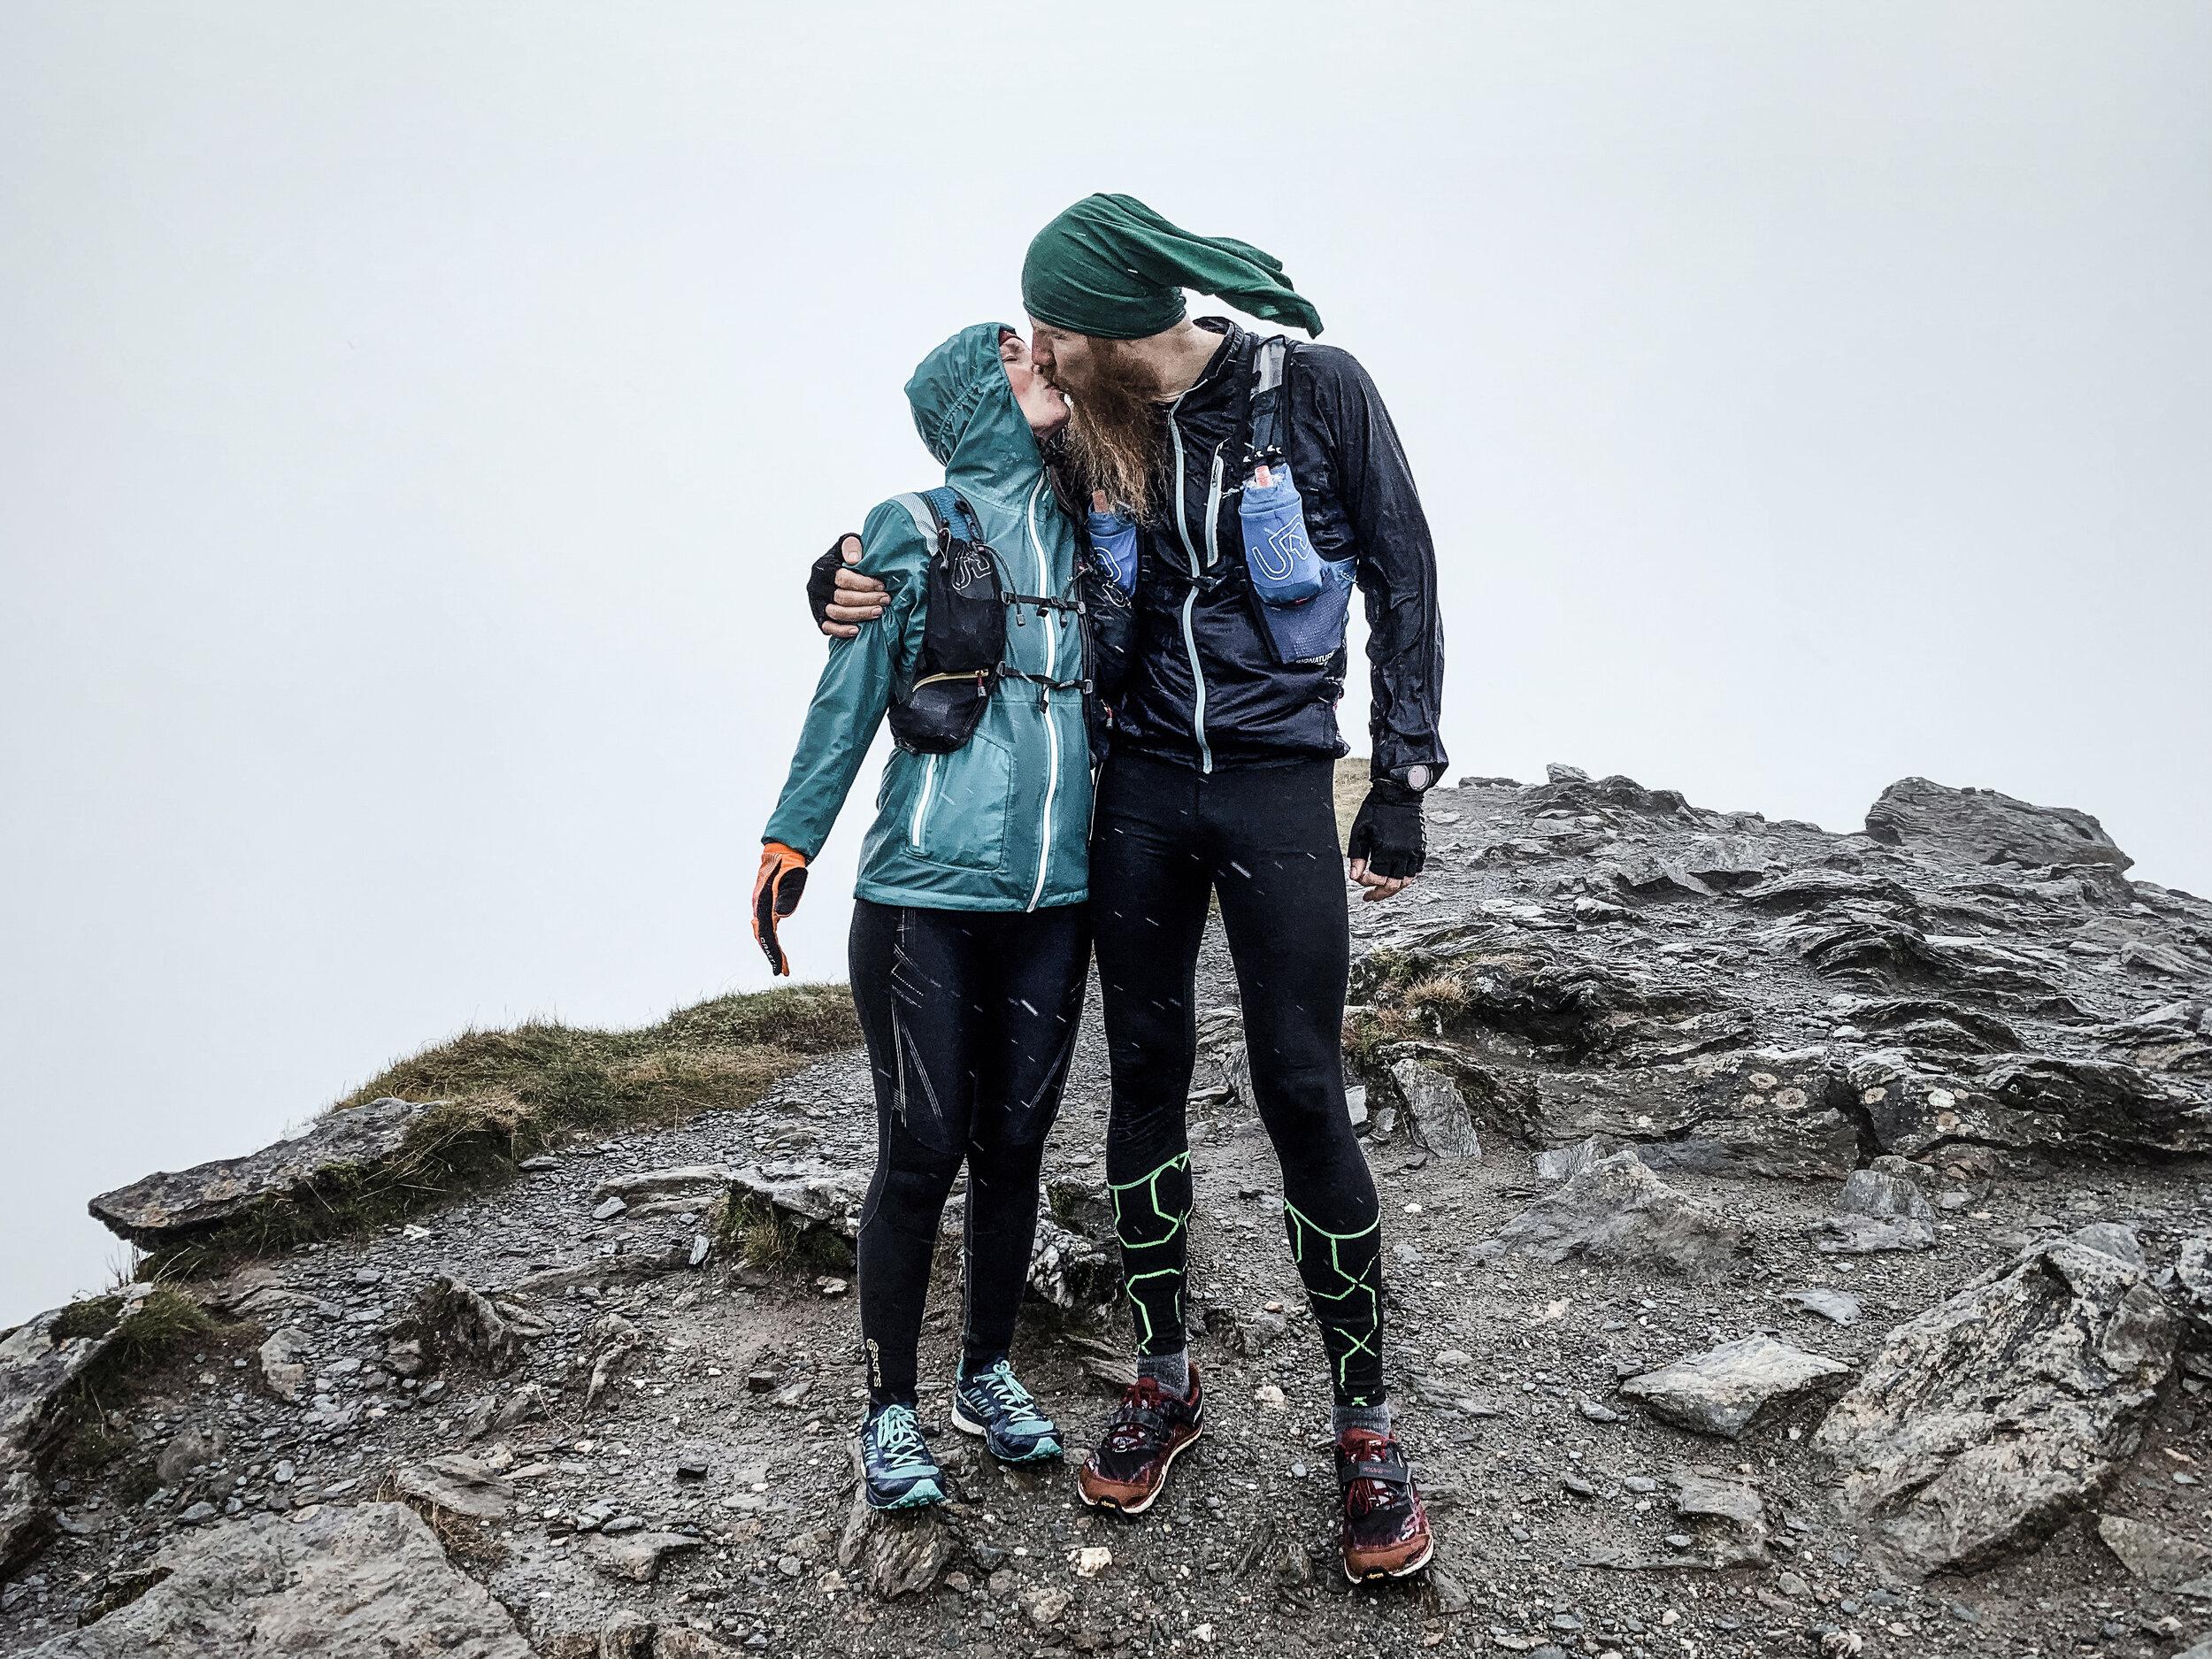 På vägen ner försökte Ellen och Johnny ta ett utförssegment de hade hittat på Strava. Men det visade sig vara riktigt svårt — det var alldeles för löpbart (och då finns det löpare som är mycket, mycket snabbare!).